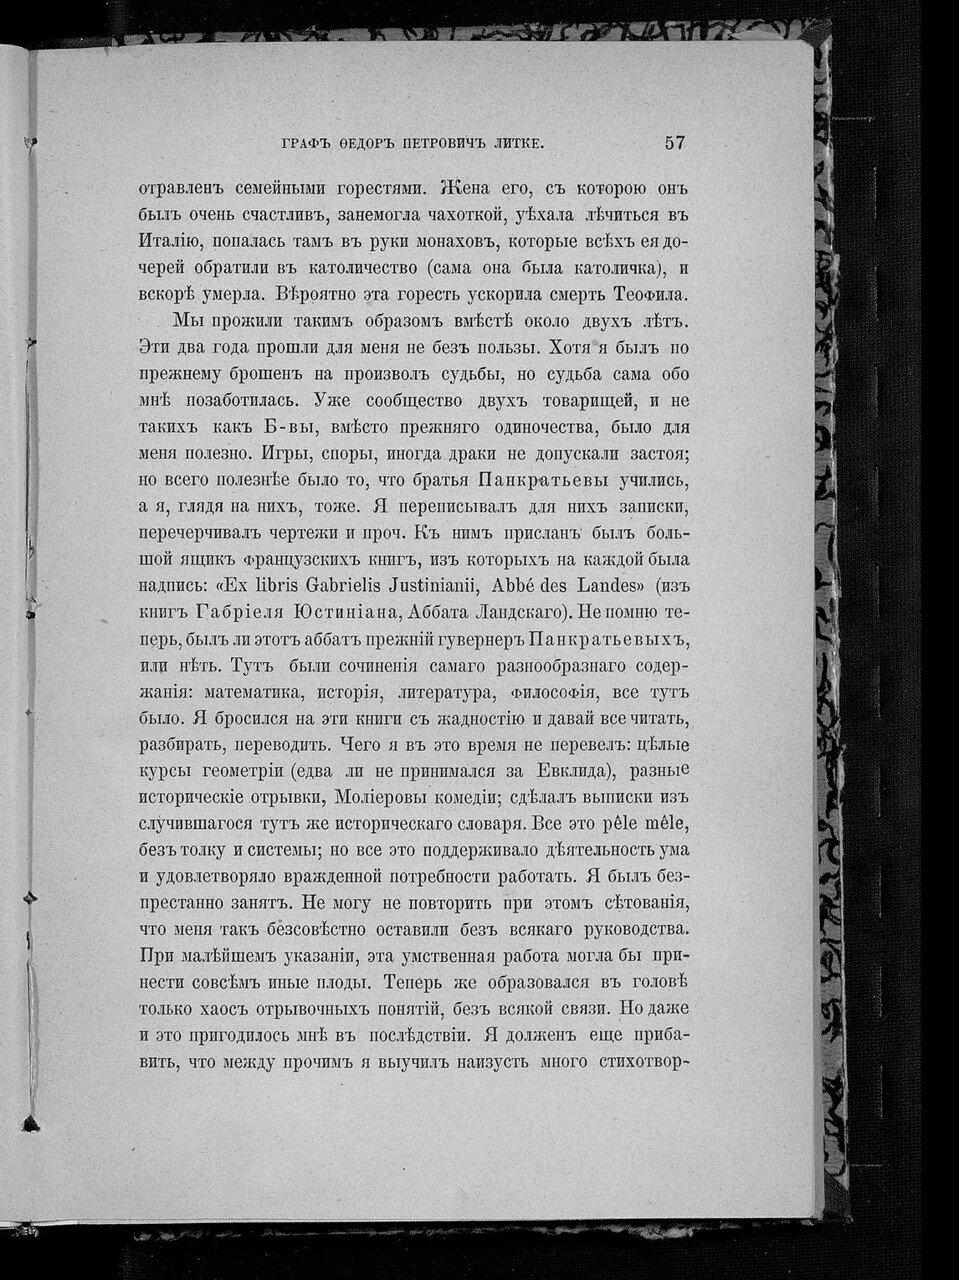 https://img-fotki.yandex.ru/get/742275/199368979.d4/0_21ddd8_ef0f59c6_XXXL.jpg